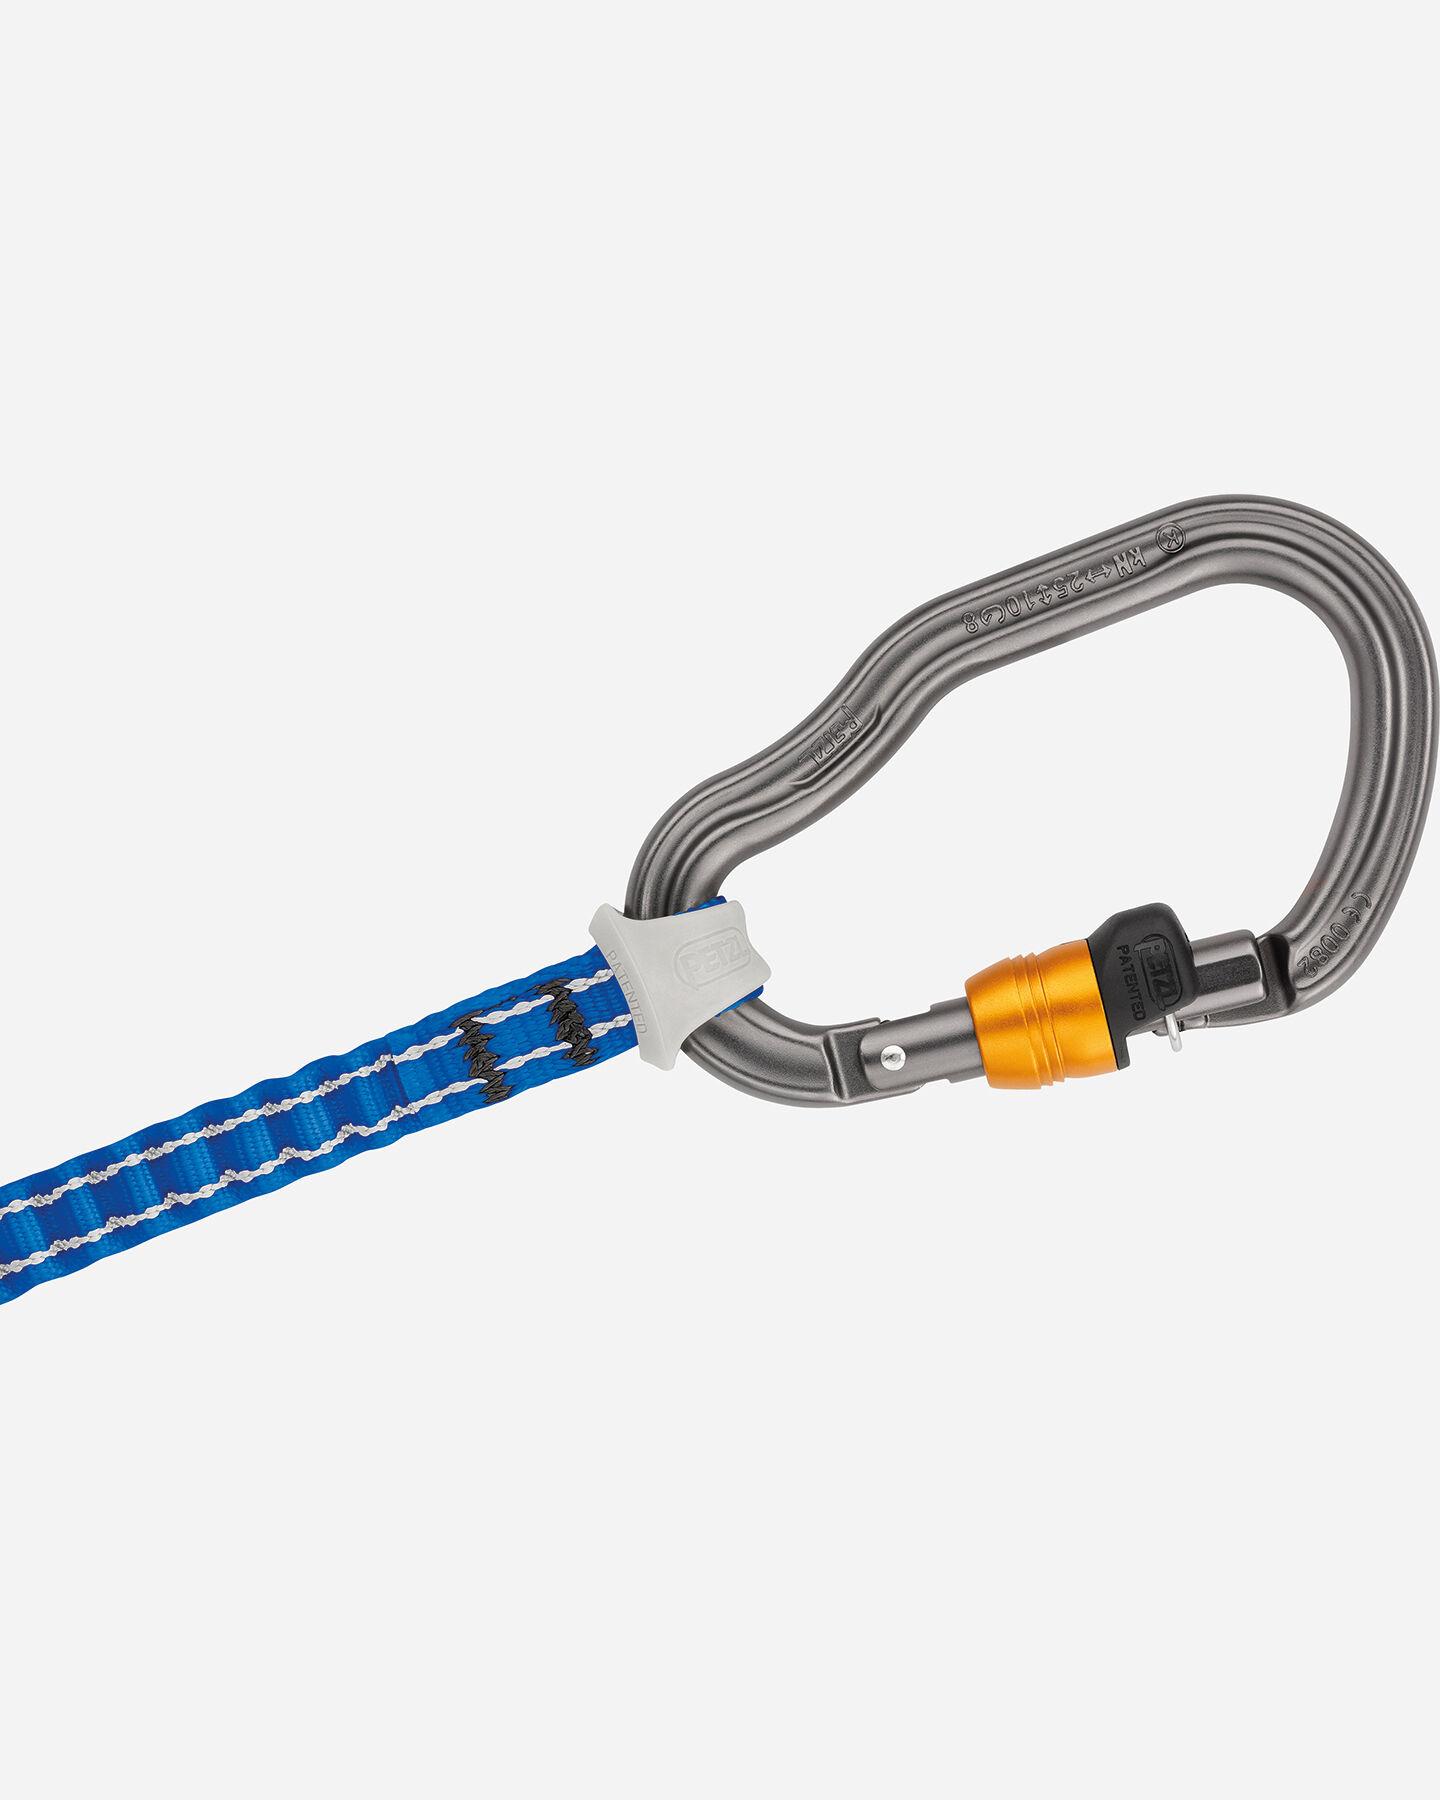 Accessorio arrampicata PETZL LONGE PETZL VERTIGO S4031987|1|UNI scatto 3